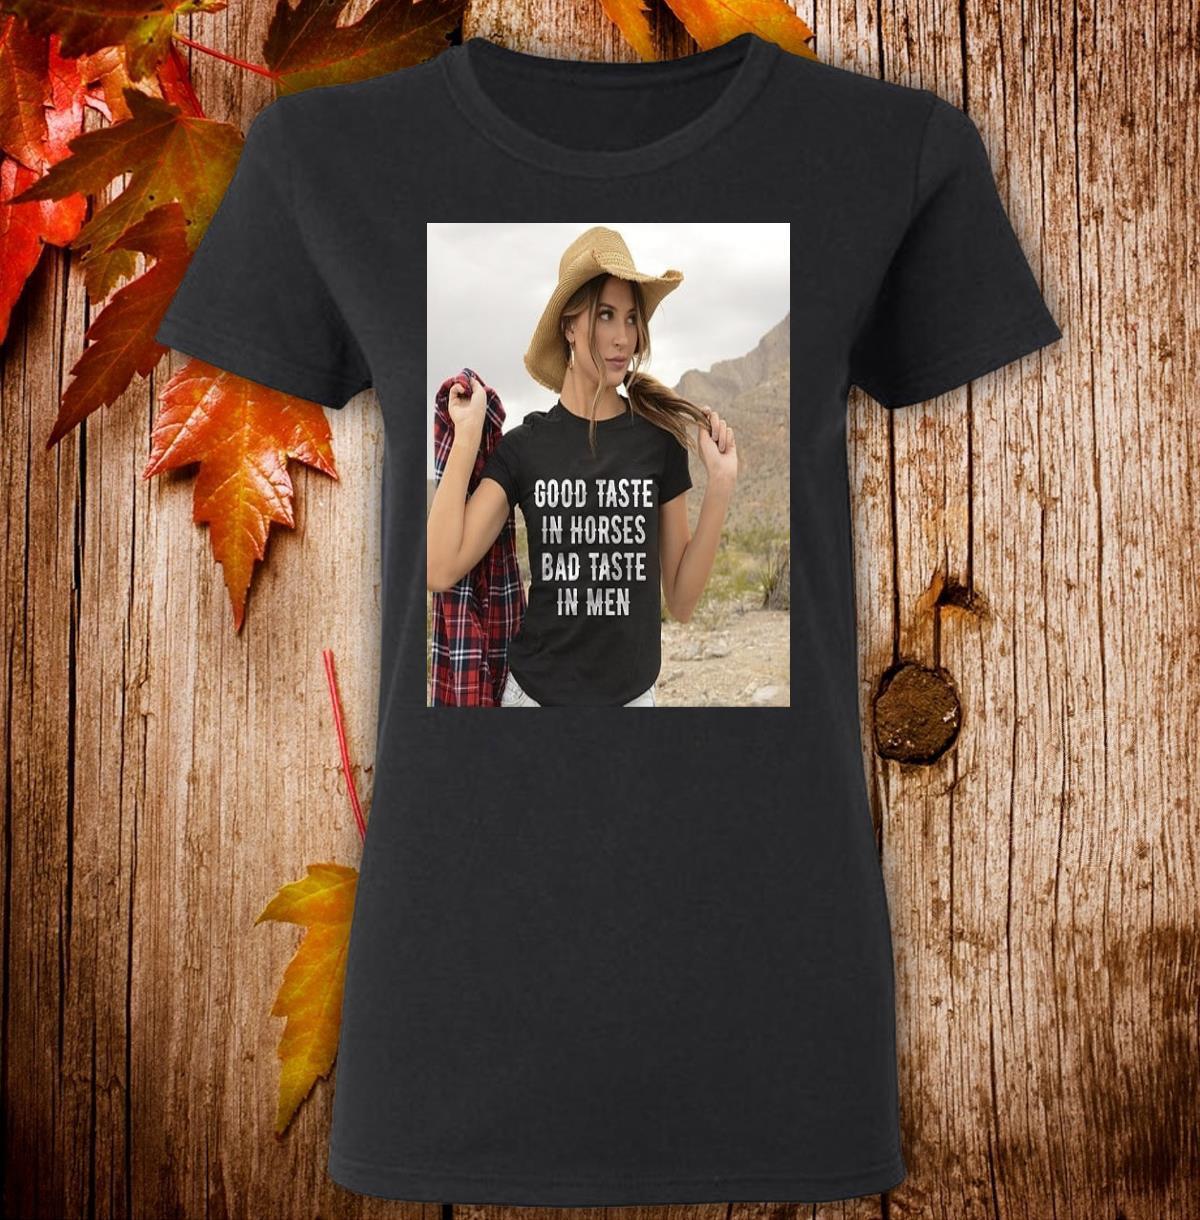 Good taste in horses bad taste in men Women T-Shirt